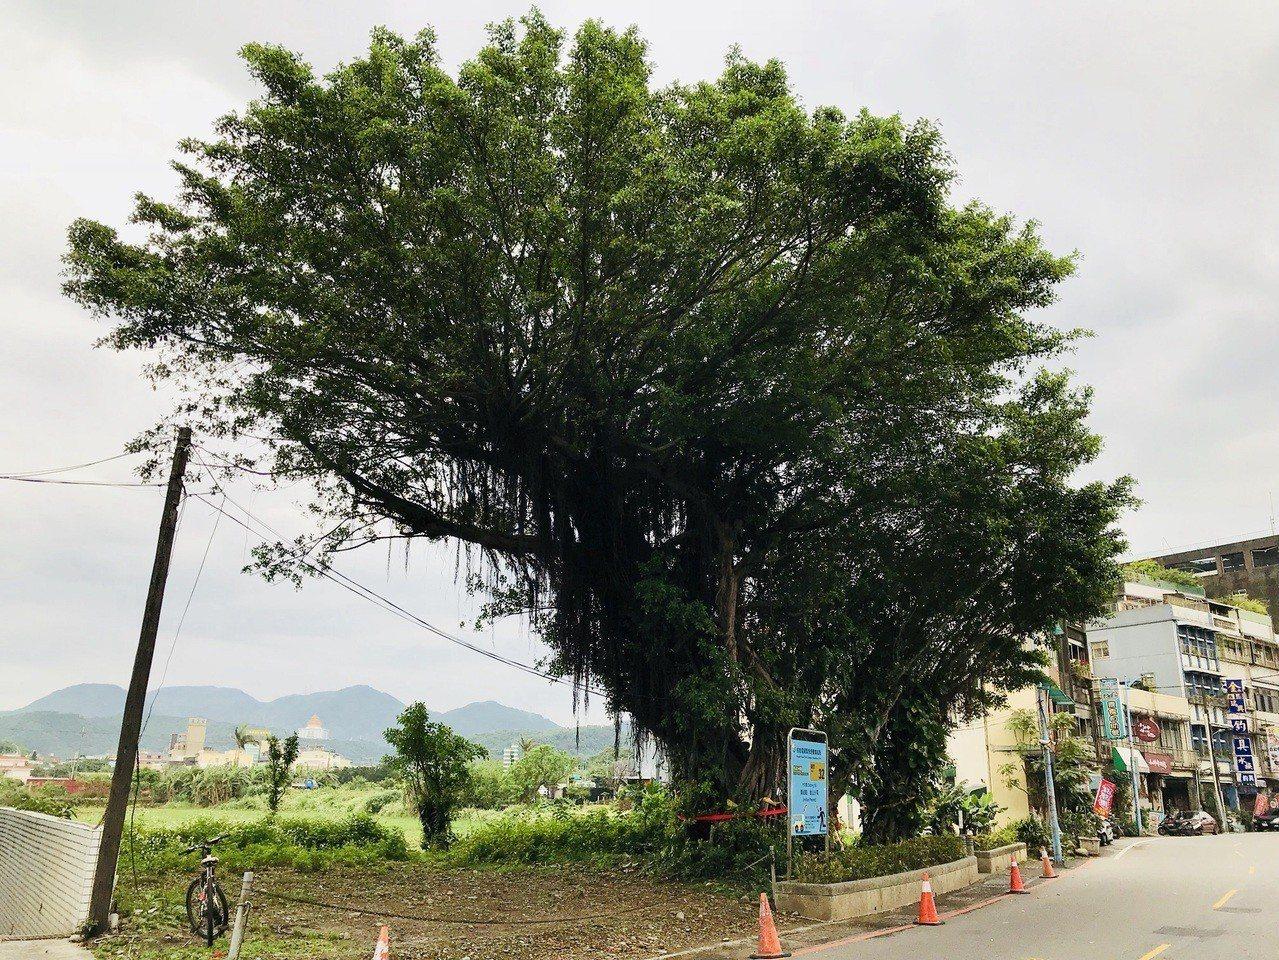 新北市金山地區市地重劃開發工程範圍內,2棵「珍貴老樹」級的榕樹,其中1棵更是5人...